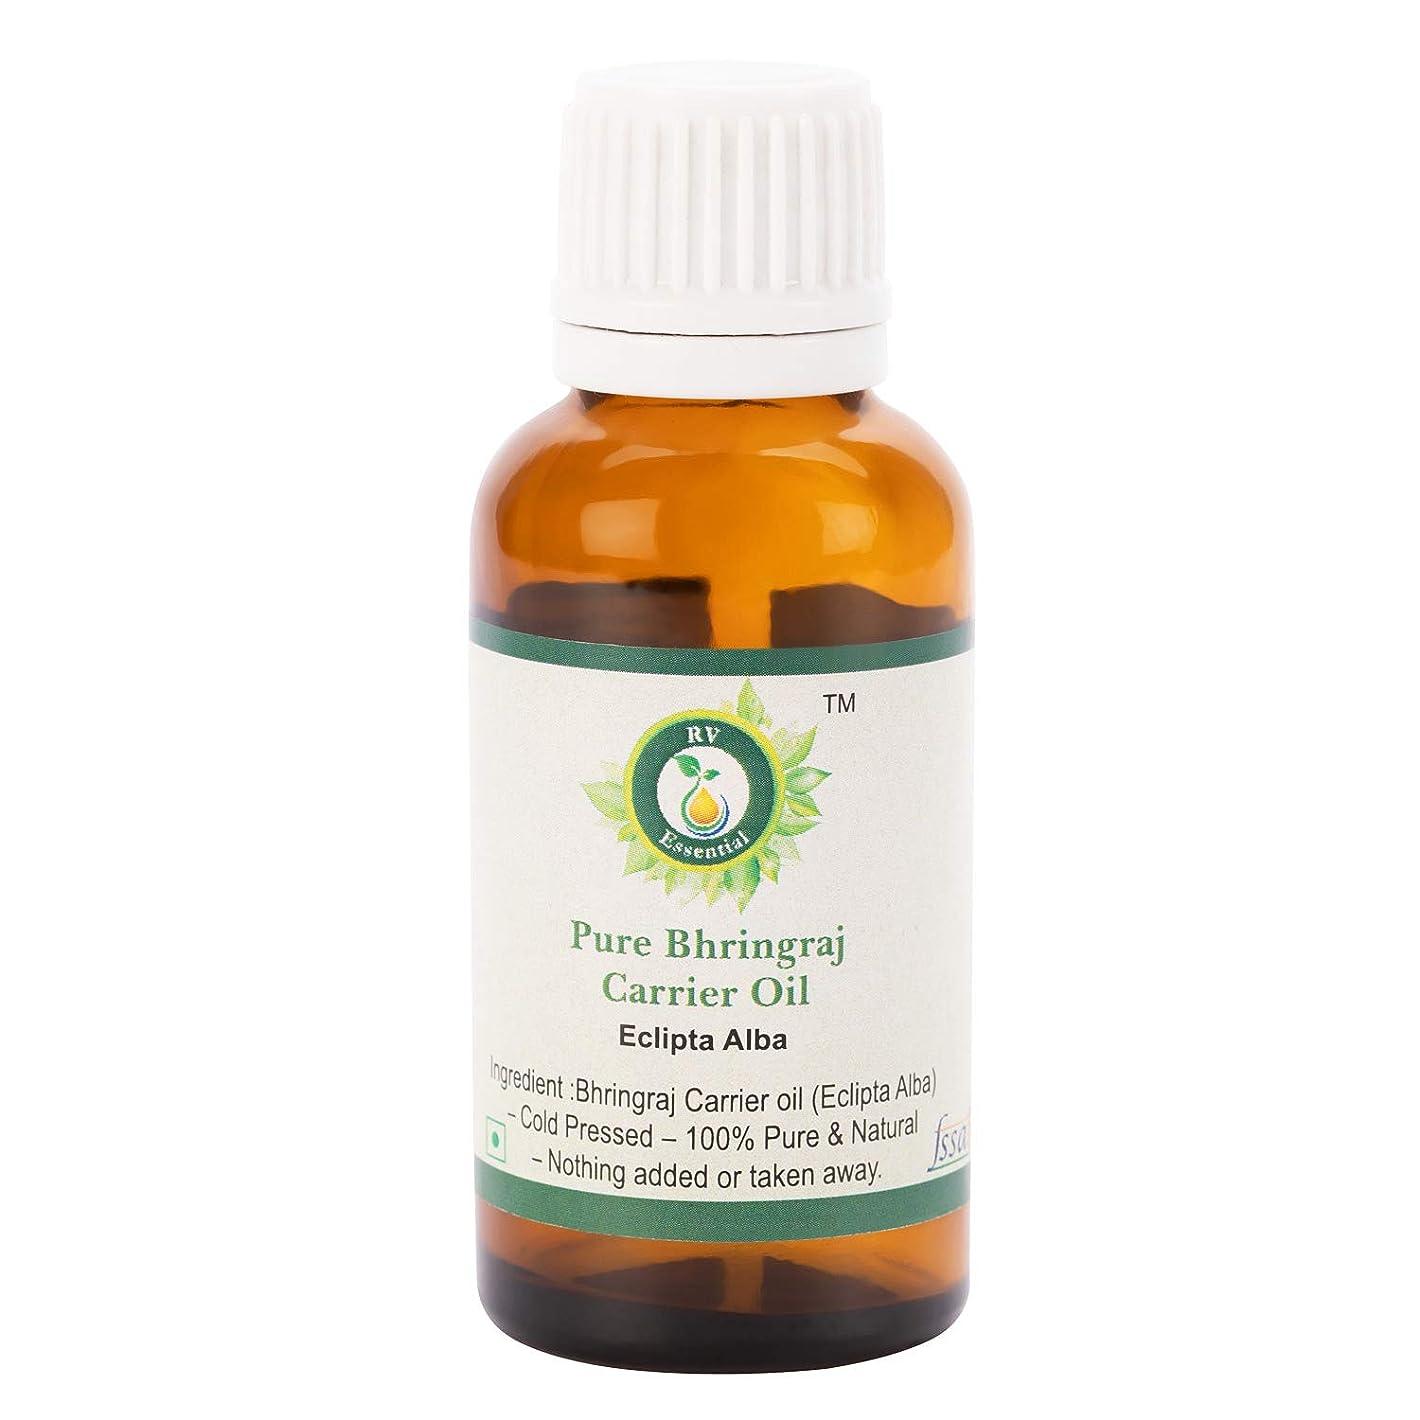 手配するチートホイスト純粋なBhringraj油5ml (0.169oz)- Eclipta Alba (100%純粋で天然の希少ハーブシリーズ) Pure Bhringraj Oil